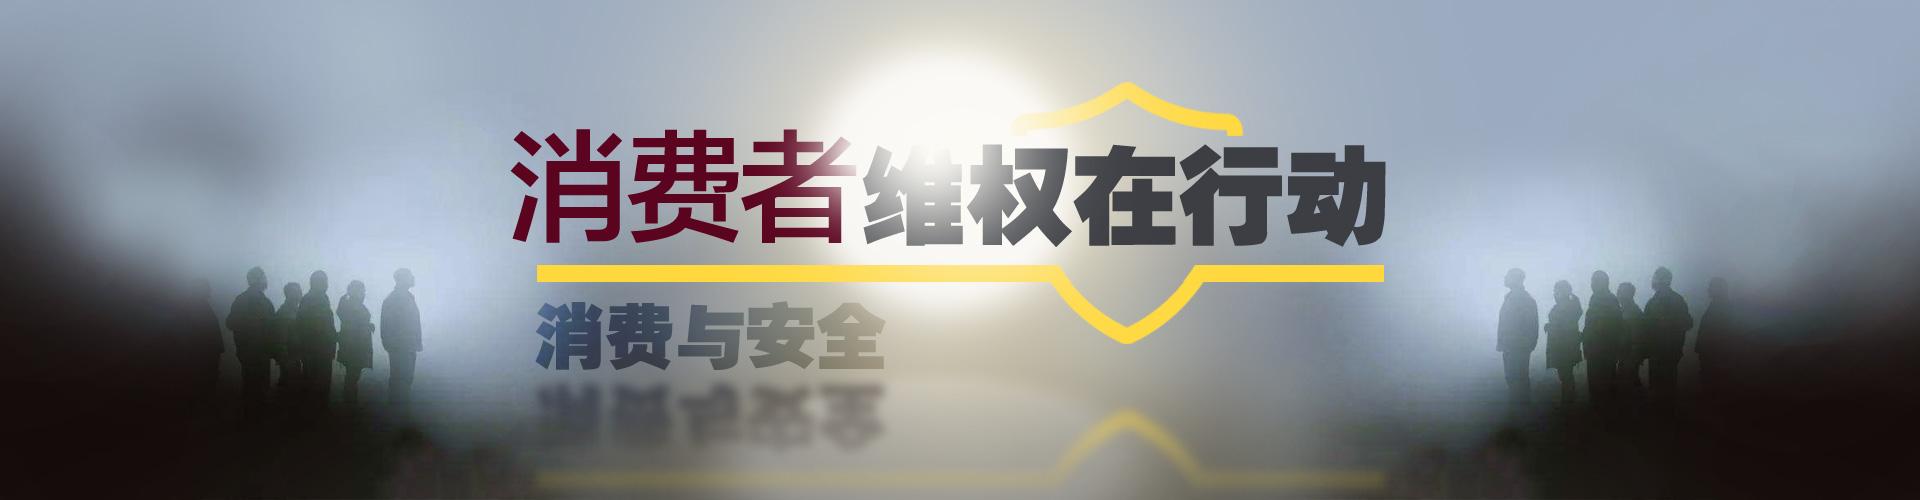 中华网财经聚焦2020年消费者维权专题报道,旨在进一步提升消费者法律维权意识,引导消费者理性维权,切实维护广大消费者合法权益,营造放心安全的消费环境。